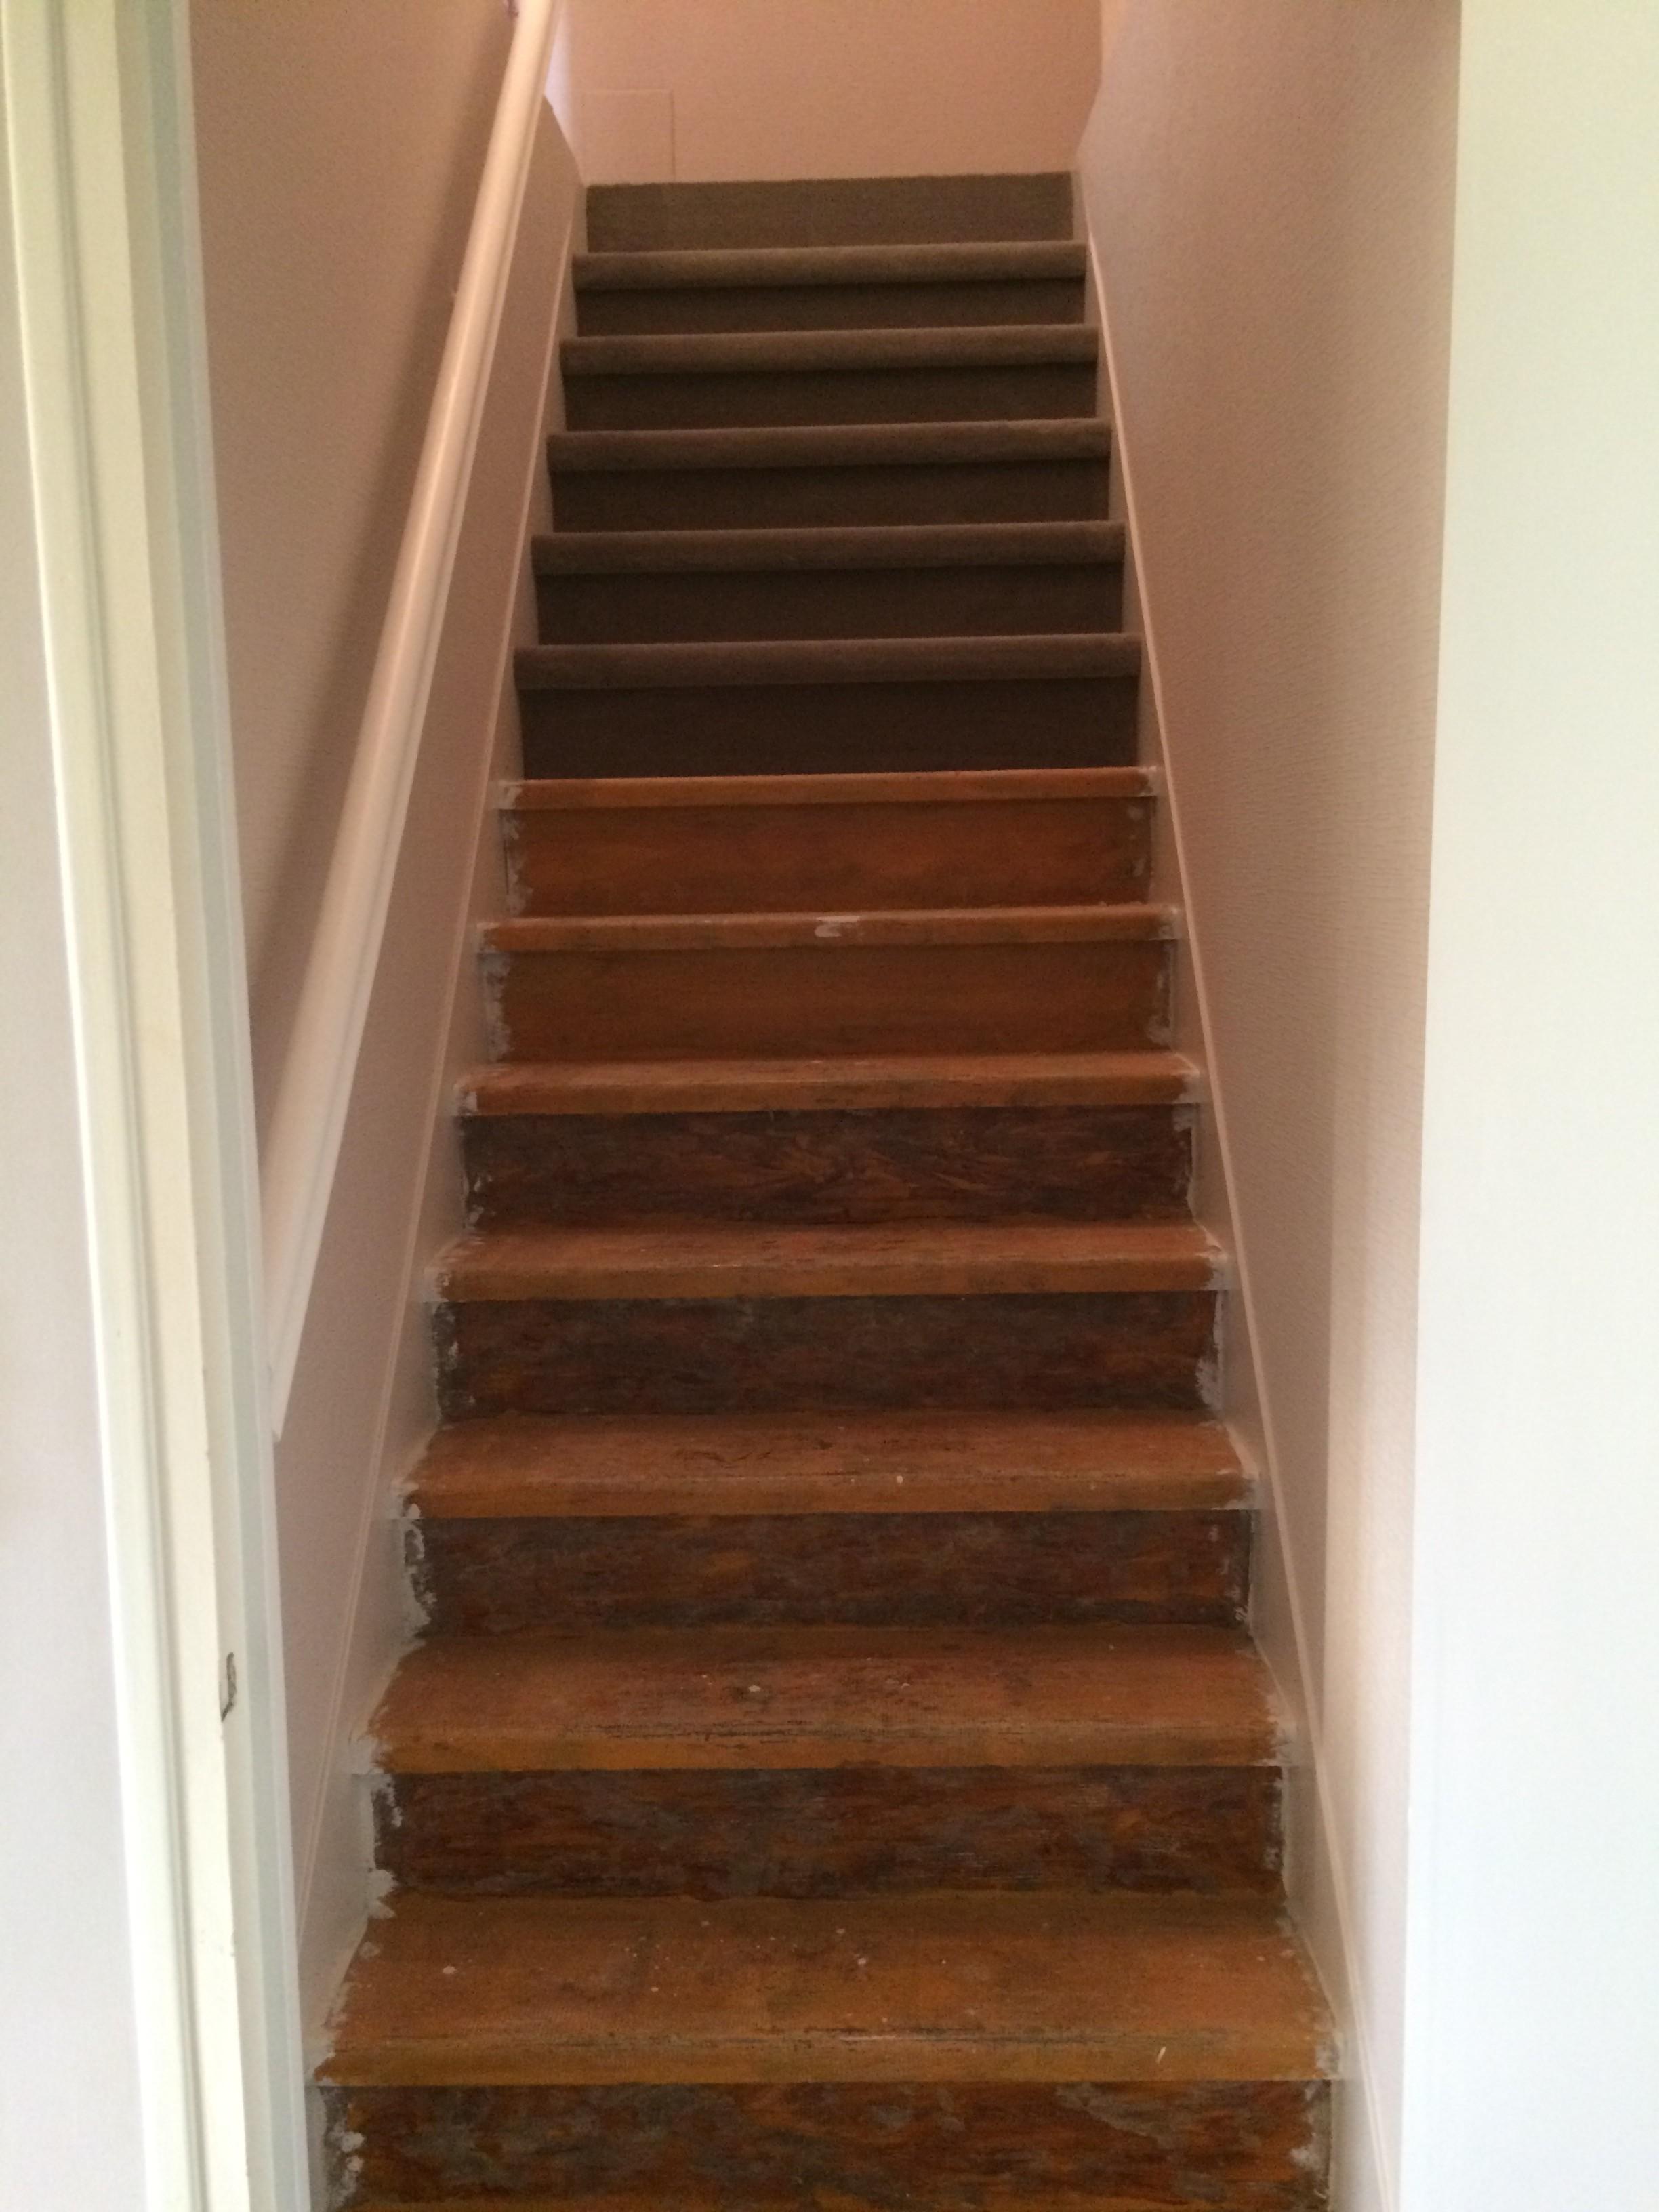 pose de moquette dans un escalier steve robert peinture. Black Bedroom Furniture Sets. Home Design Ideas